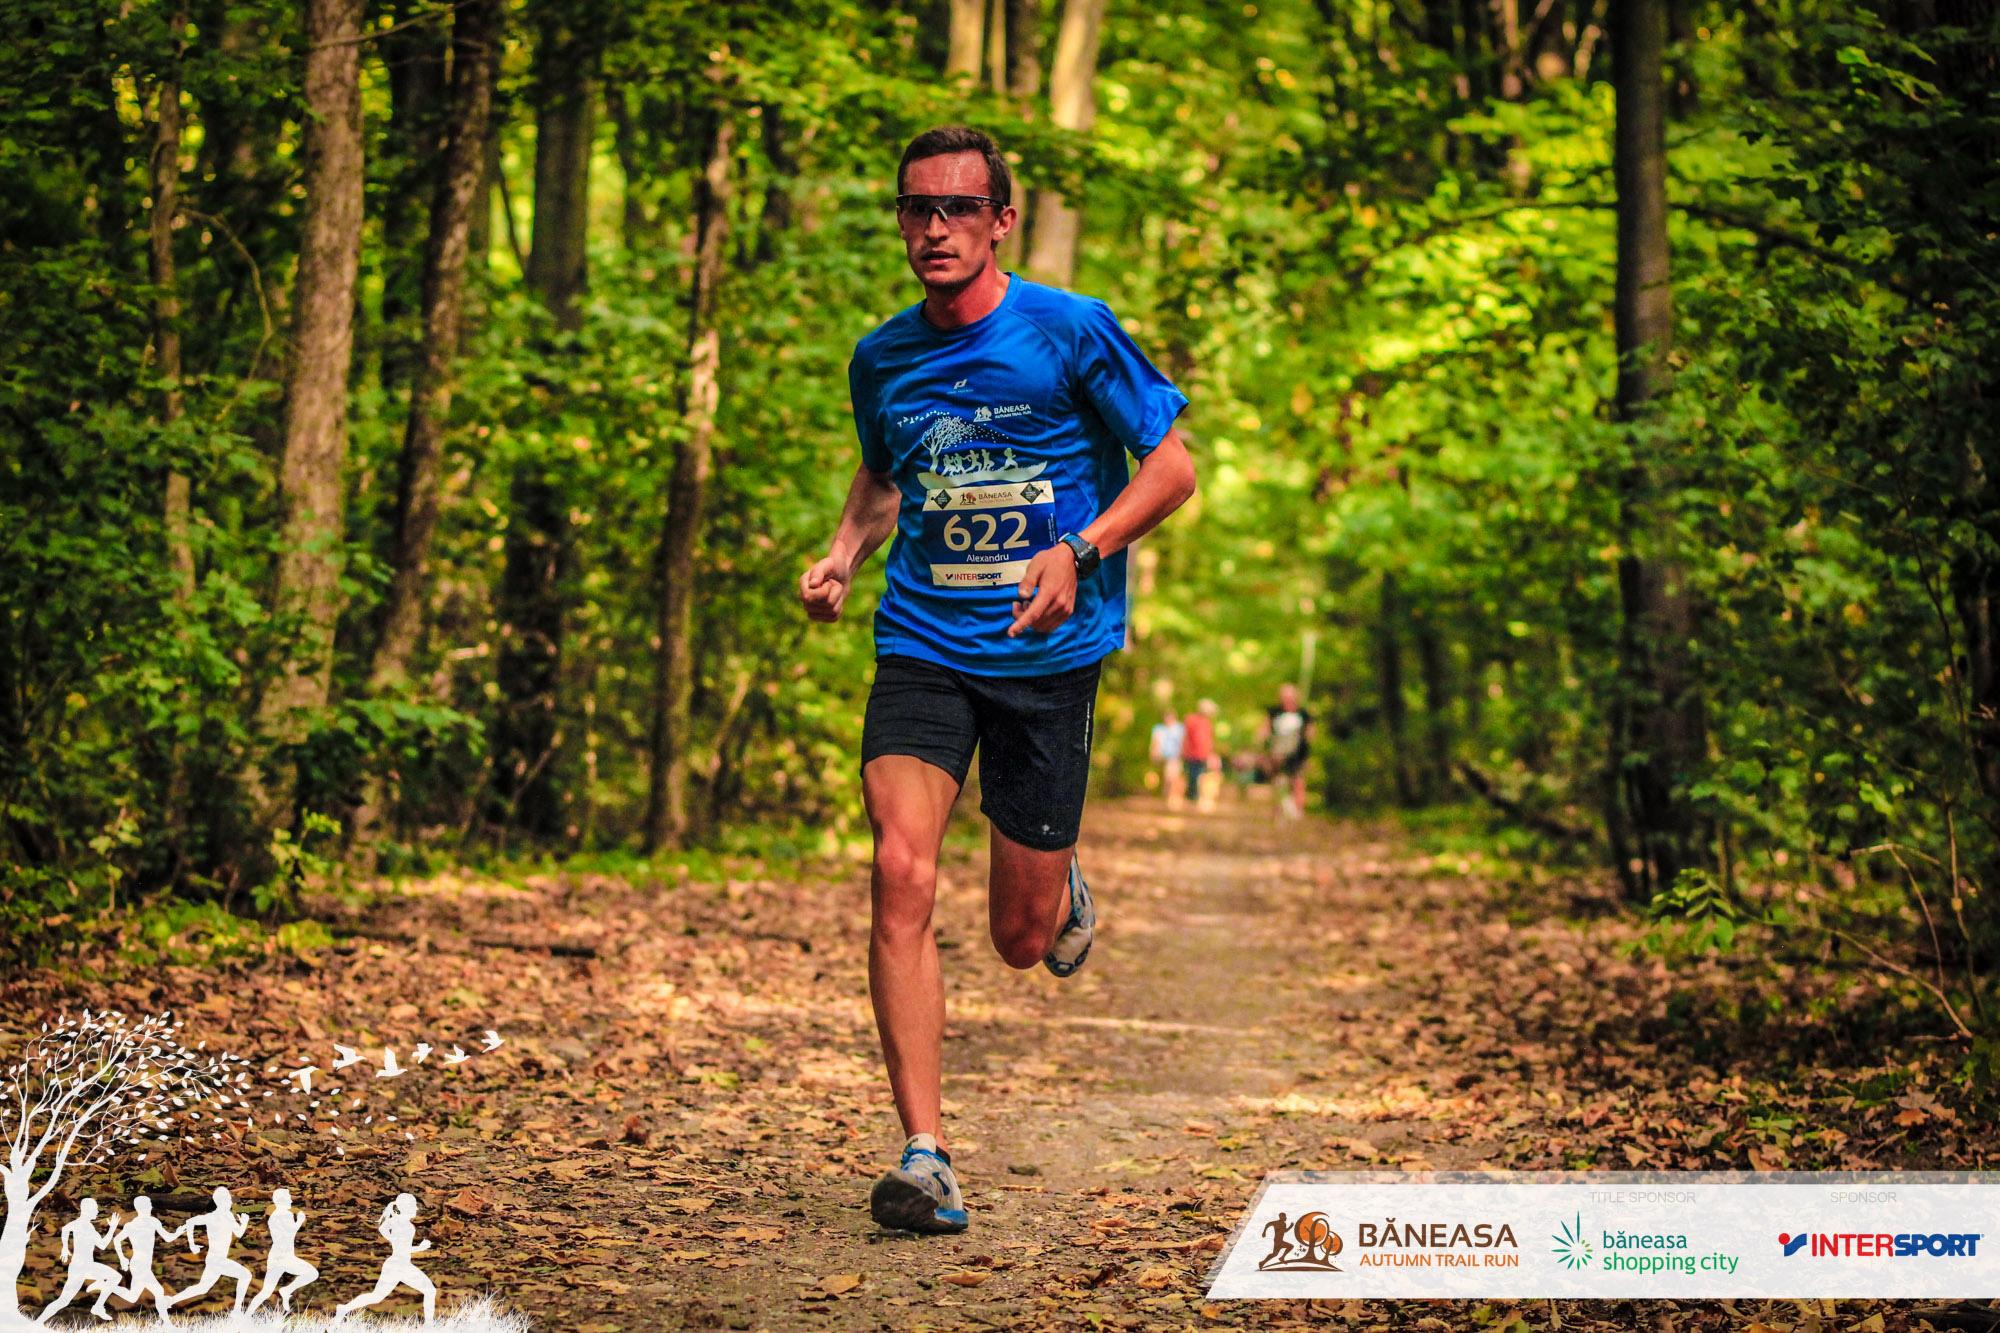 Alexandru Corneschi - Baneasa Autumn Trail Run 2016